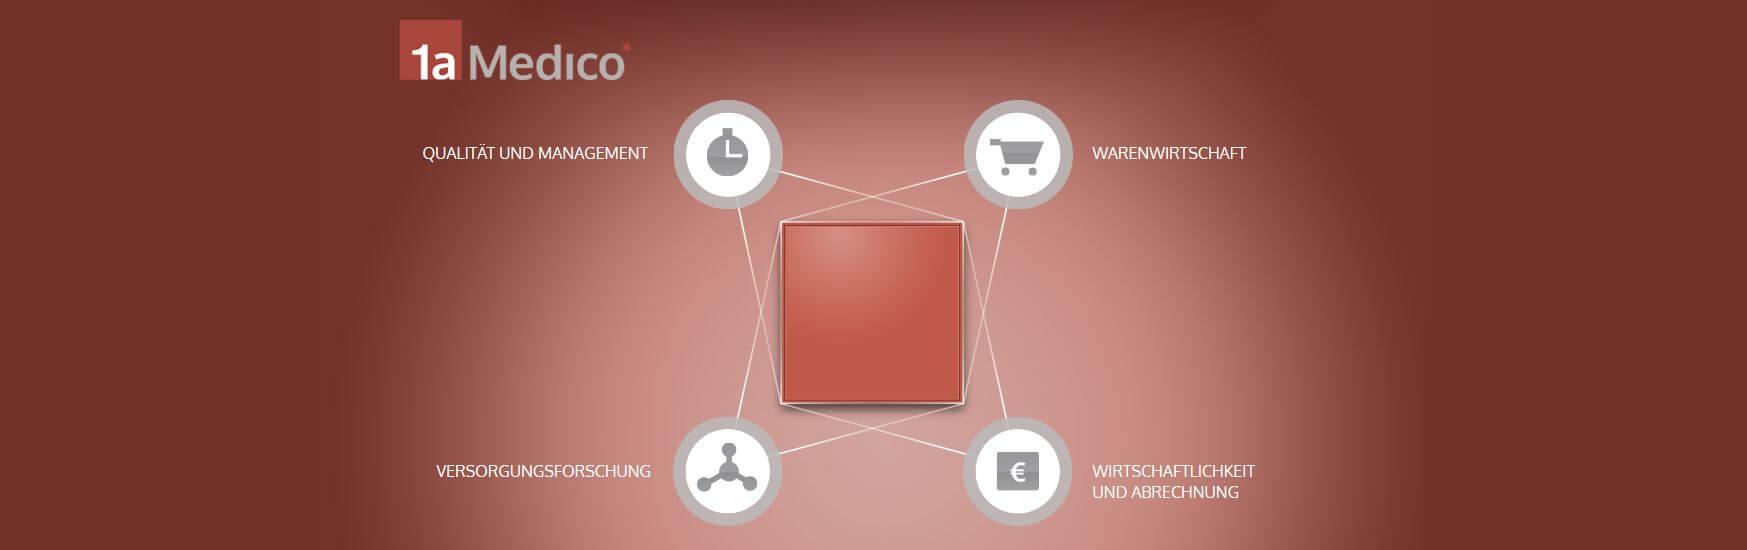 1a Medico 360° Management der AugenheilkundeHeader auf Eyefox.com